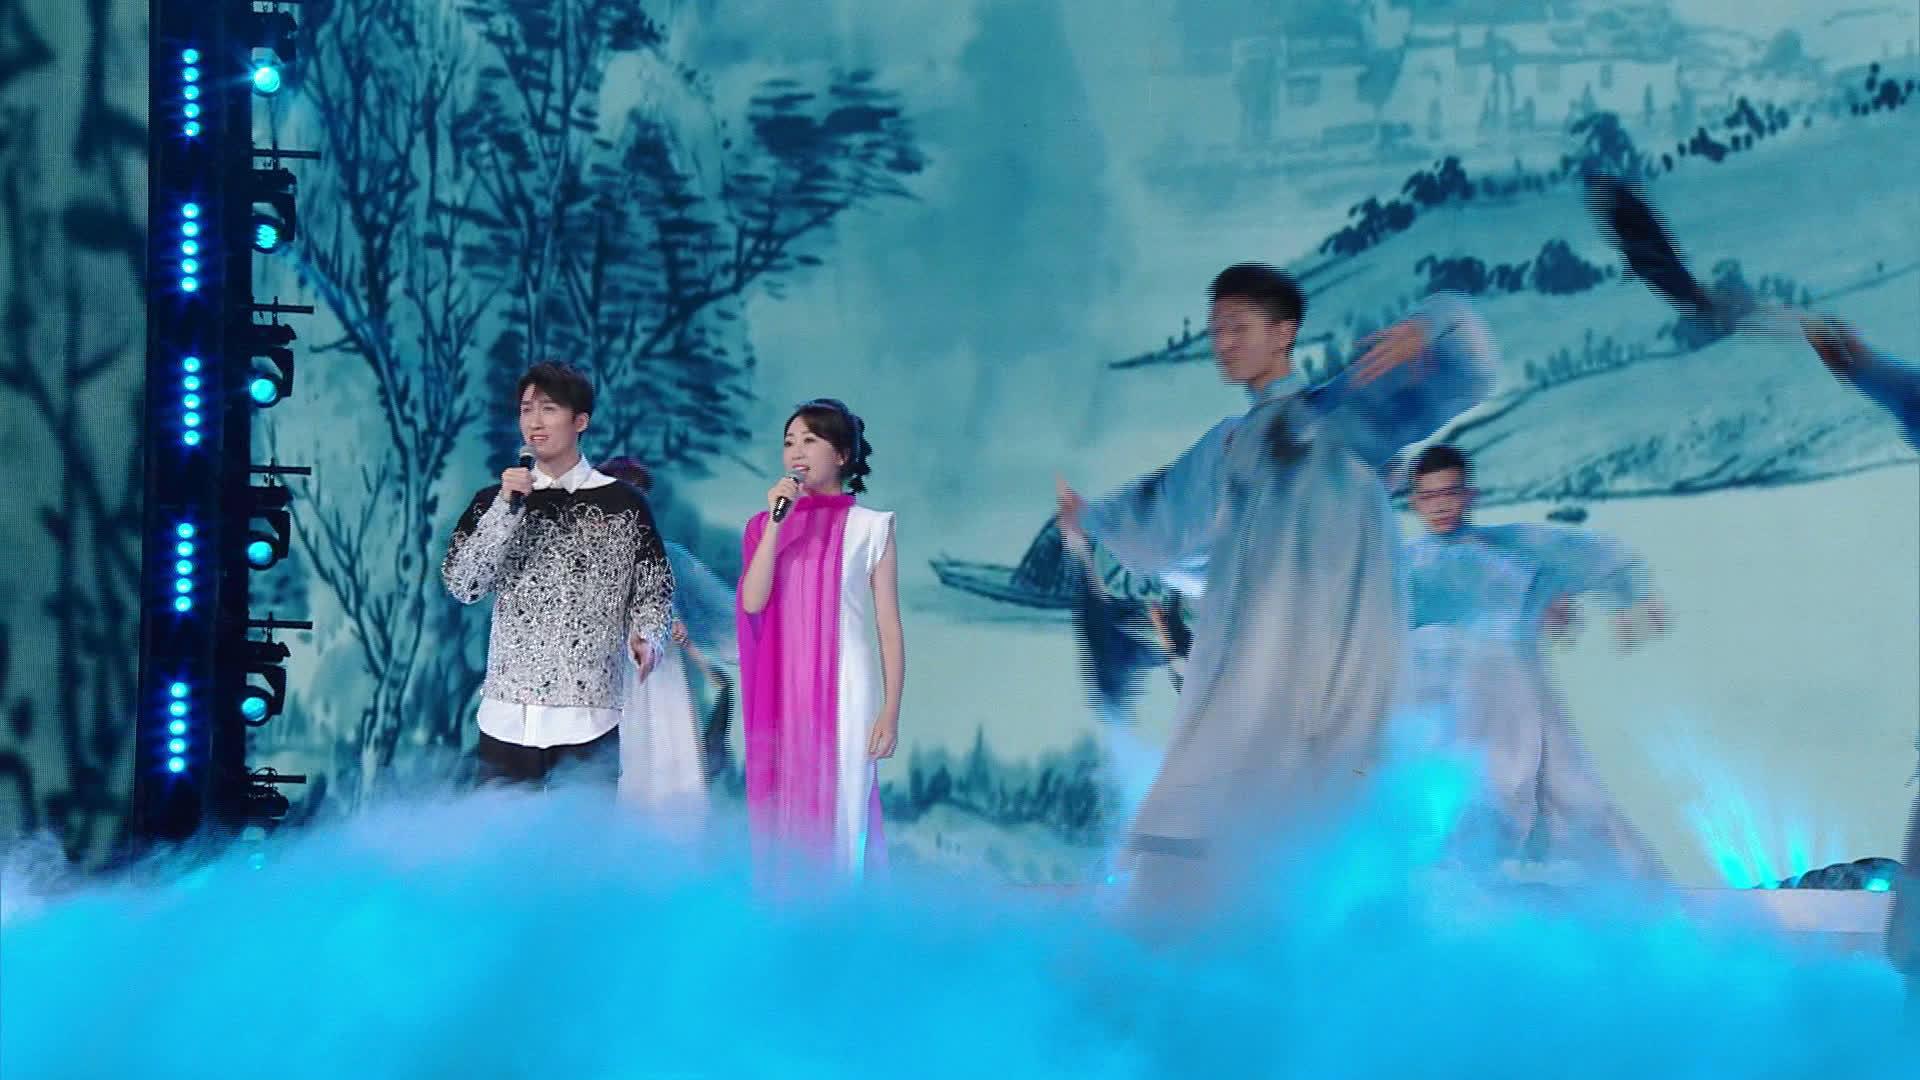 《2020星光嘉年华》传承传统文化 金婷婷、谢素豪带来歌曲《龙文》